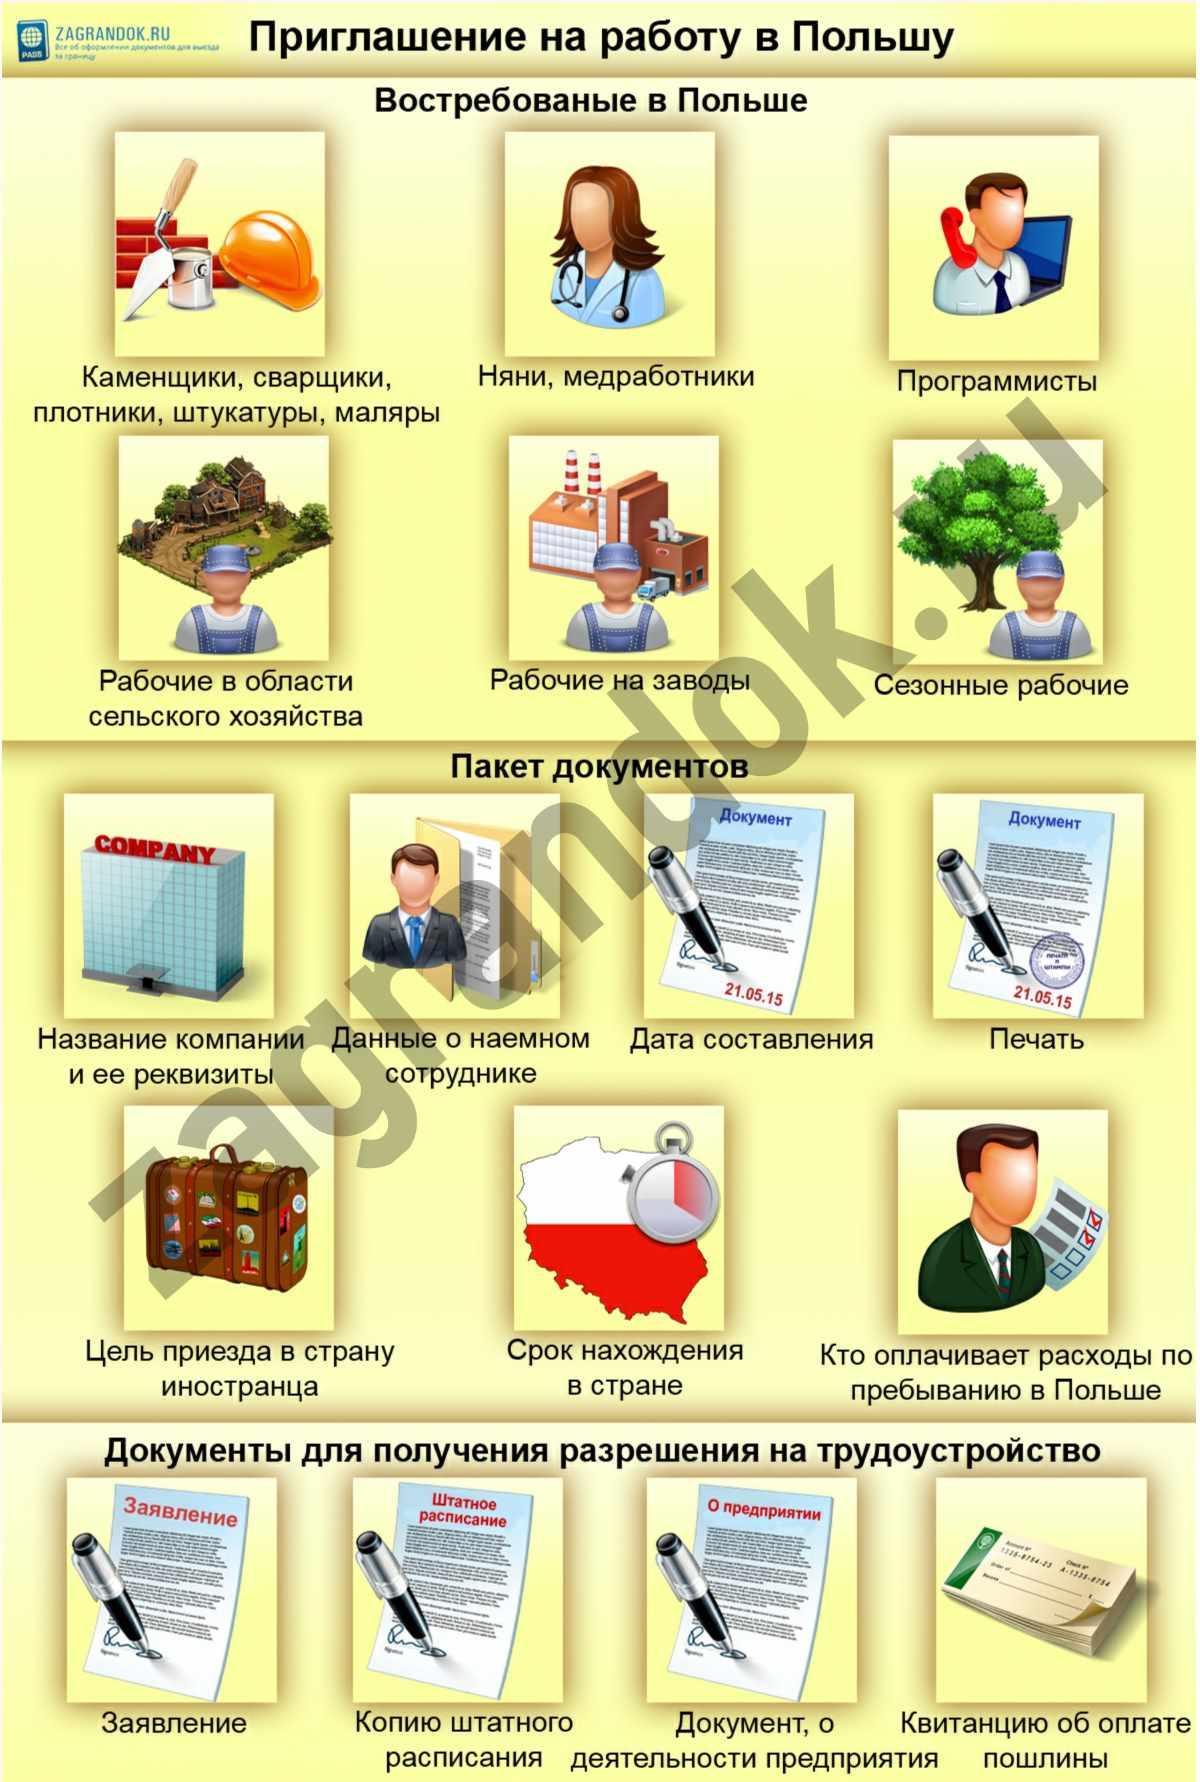 Приглашение на работу в Польшу